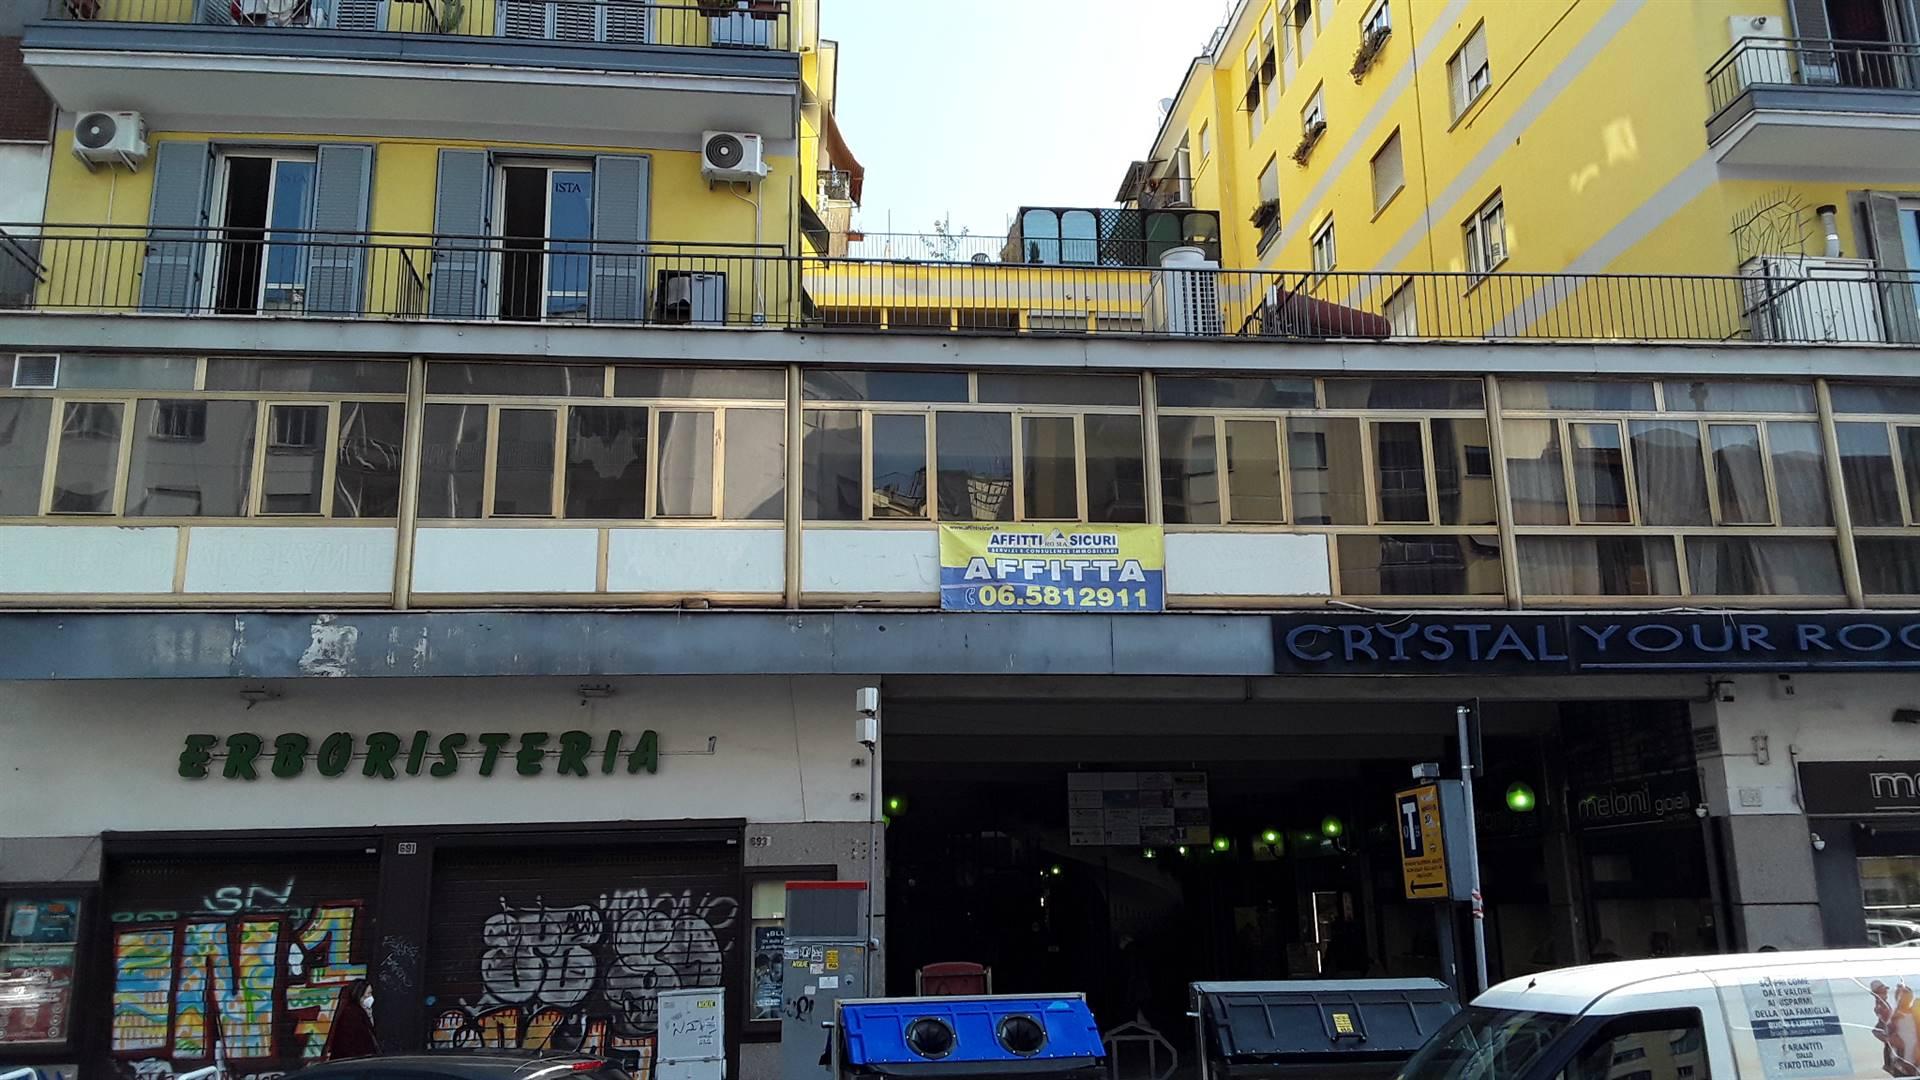 ROMA, nei pressi della fermata della metro NUMIDIO QUADRATO affittiamo locale Commerciale C1 di 90 mq al primo piano quindi con alta visibilità.